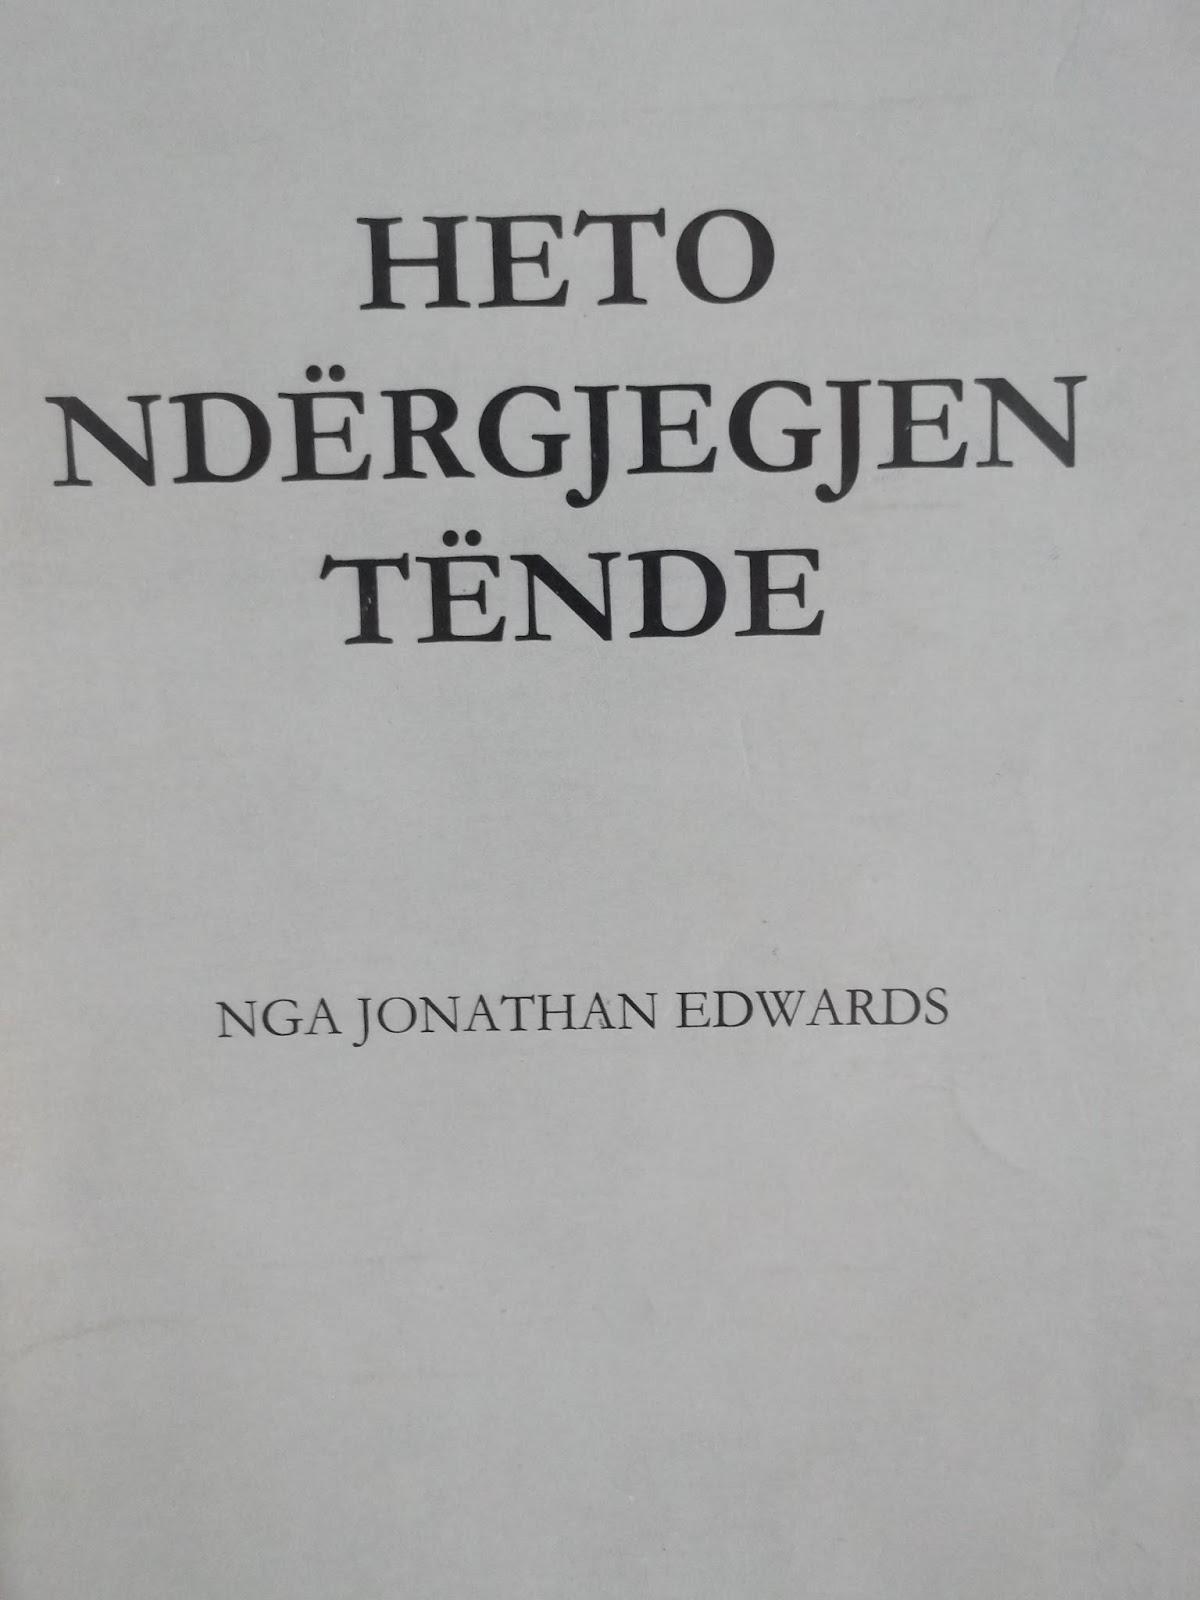 Heto ndergjegjen tende - Xhonathan Eduards - Libra te krishtere